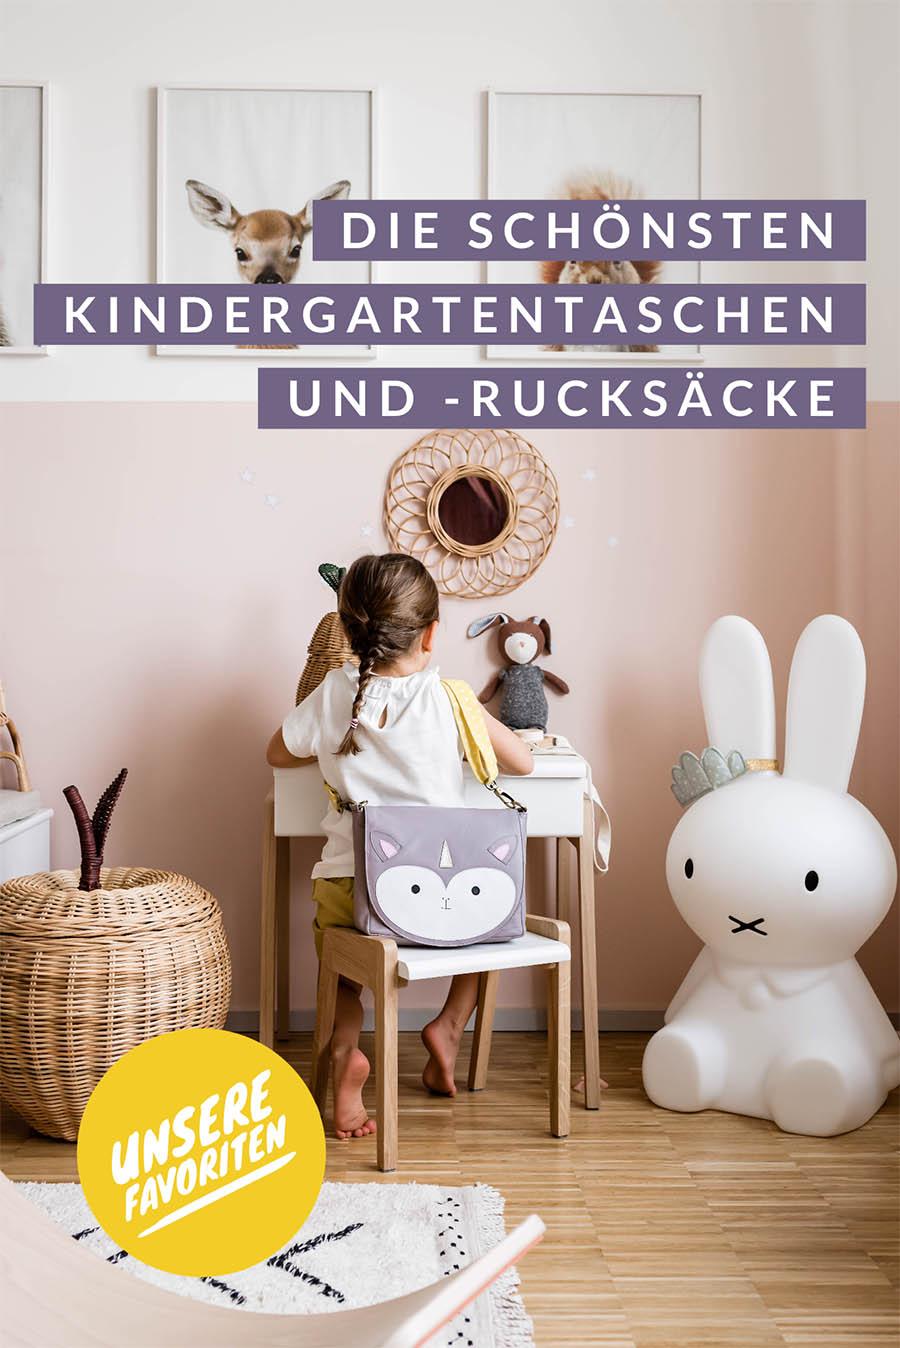 Kindergartentaschen und Kindergartenrucksäcke: Unsere Favoriten #kindergartentasche #kindergartenrucksack #kindergarten